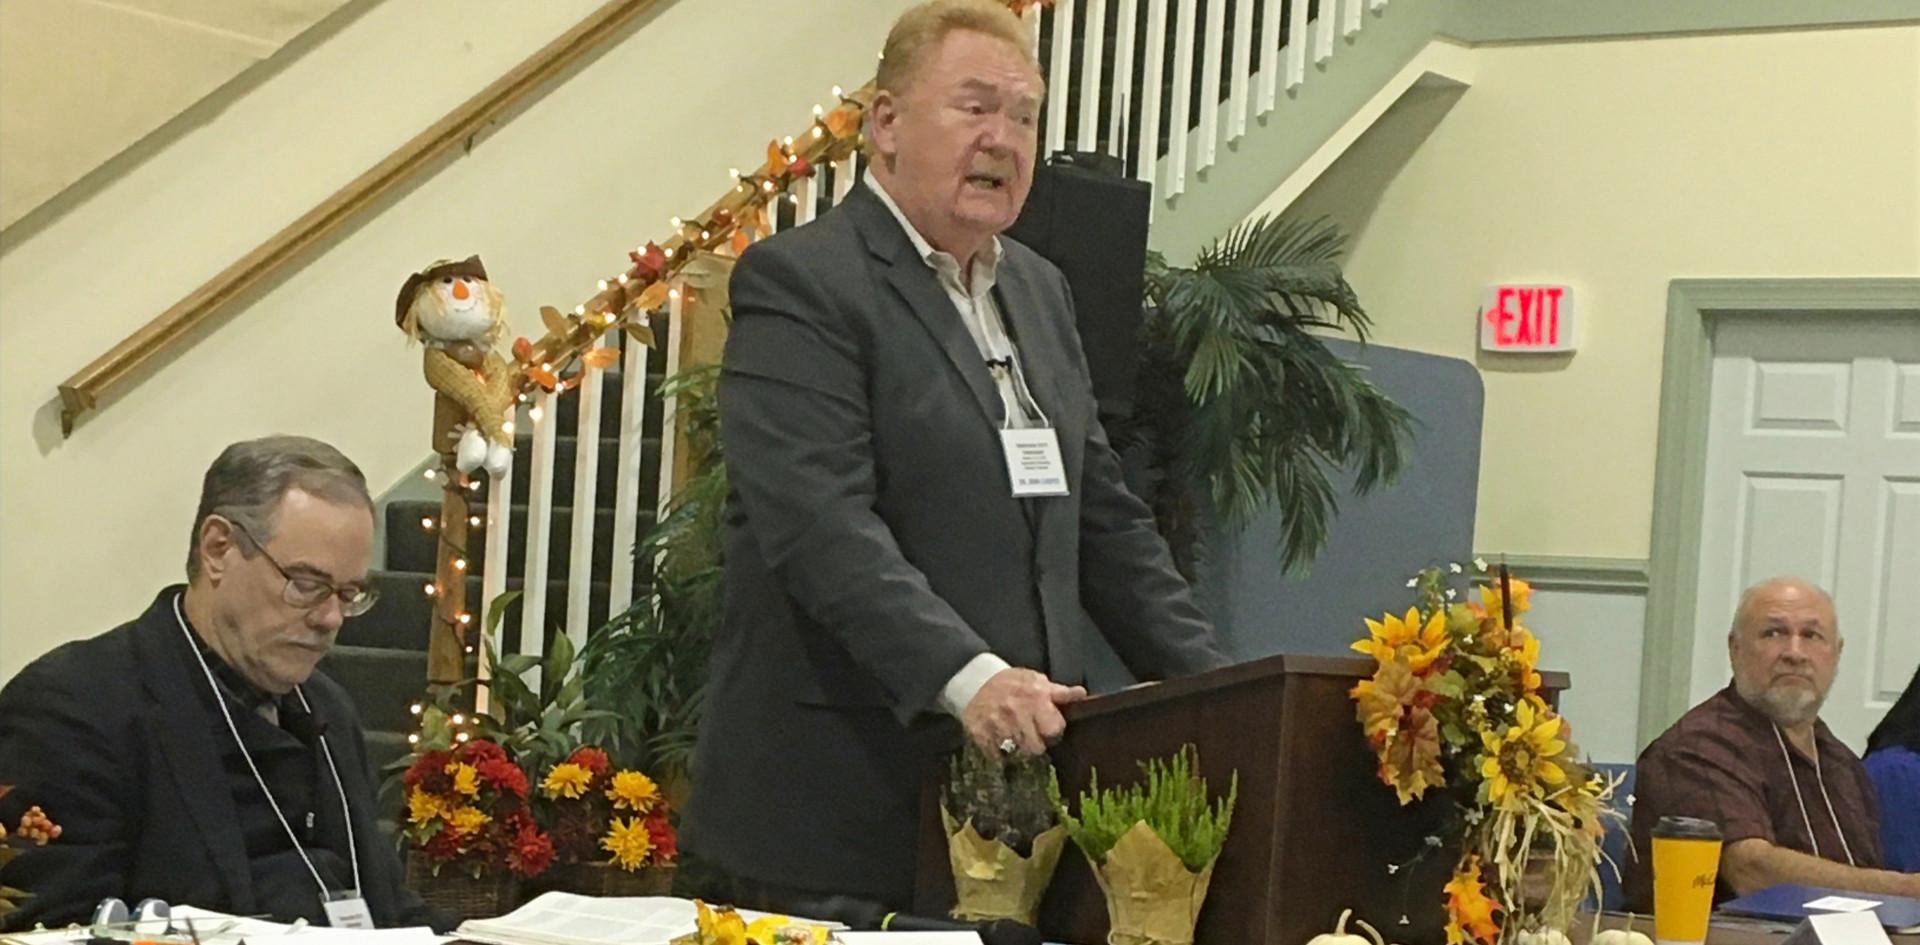 Dr. John Looper